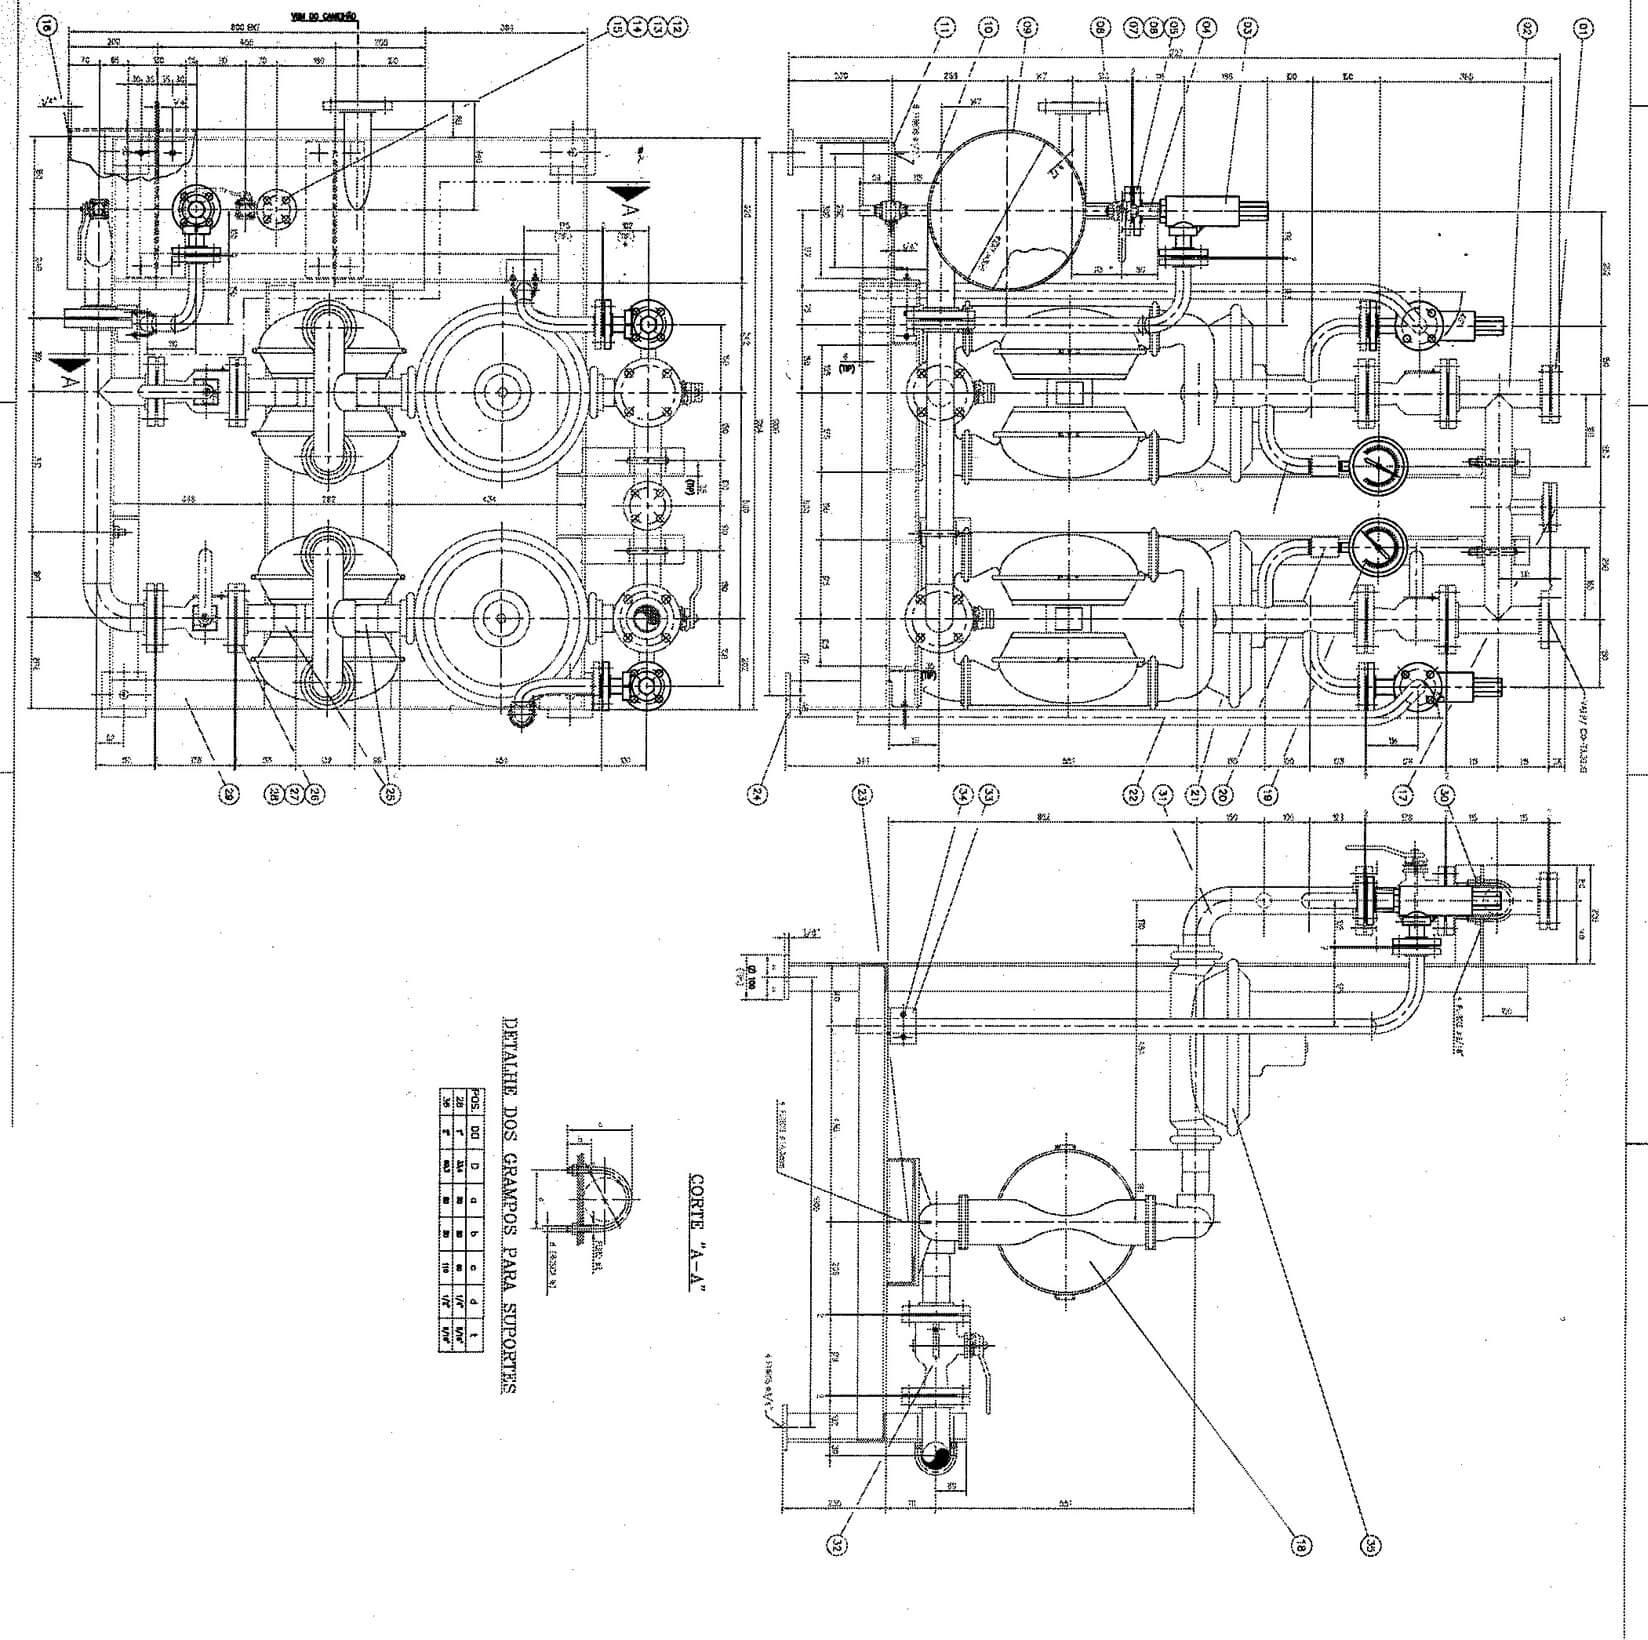 Plans of a Hydrogen Peroxide Cyanide Destruction Process